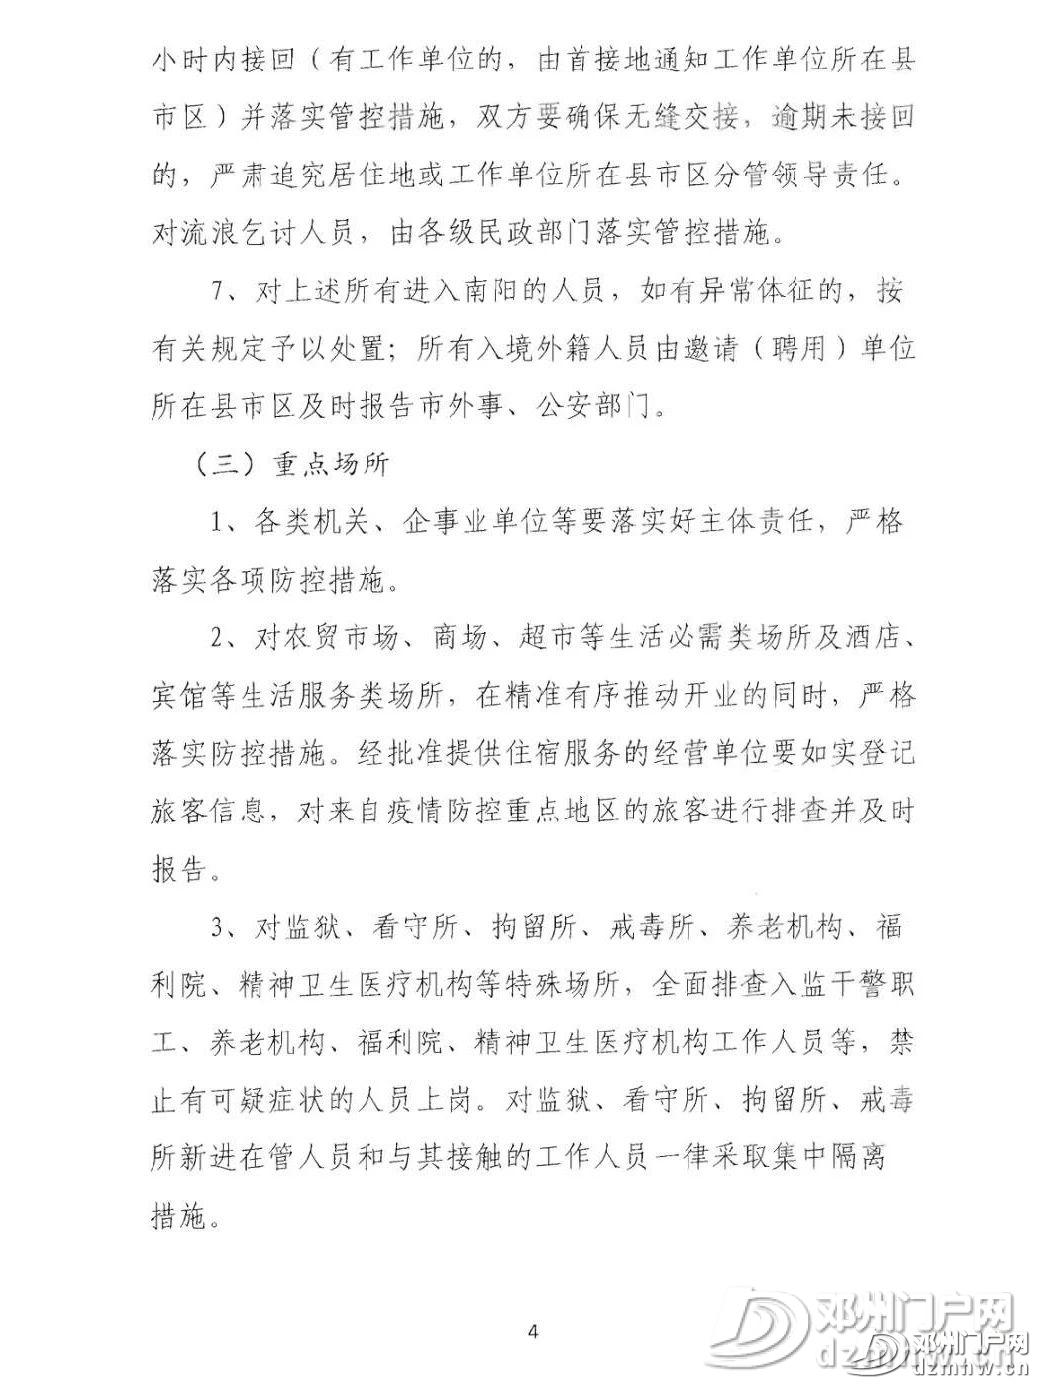 速转!关于邓州卡口撤销官方文件已出! - 邓州门户网 邓州网 - a054afaf875fcdd348b478b9c9939f8c.jpg